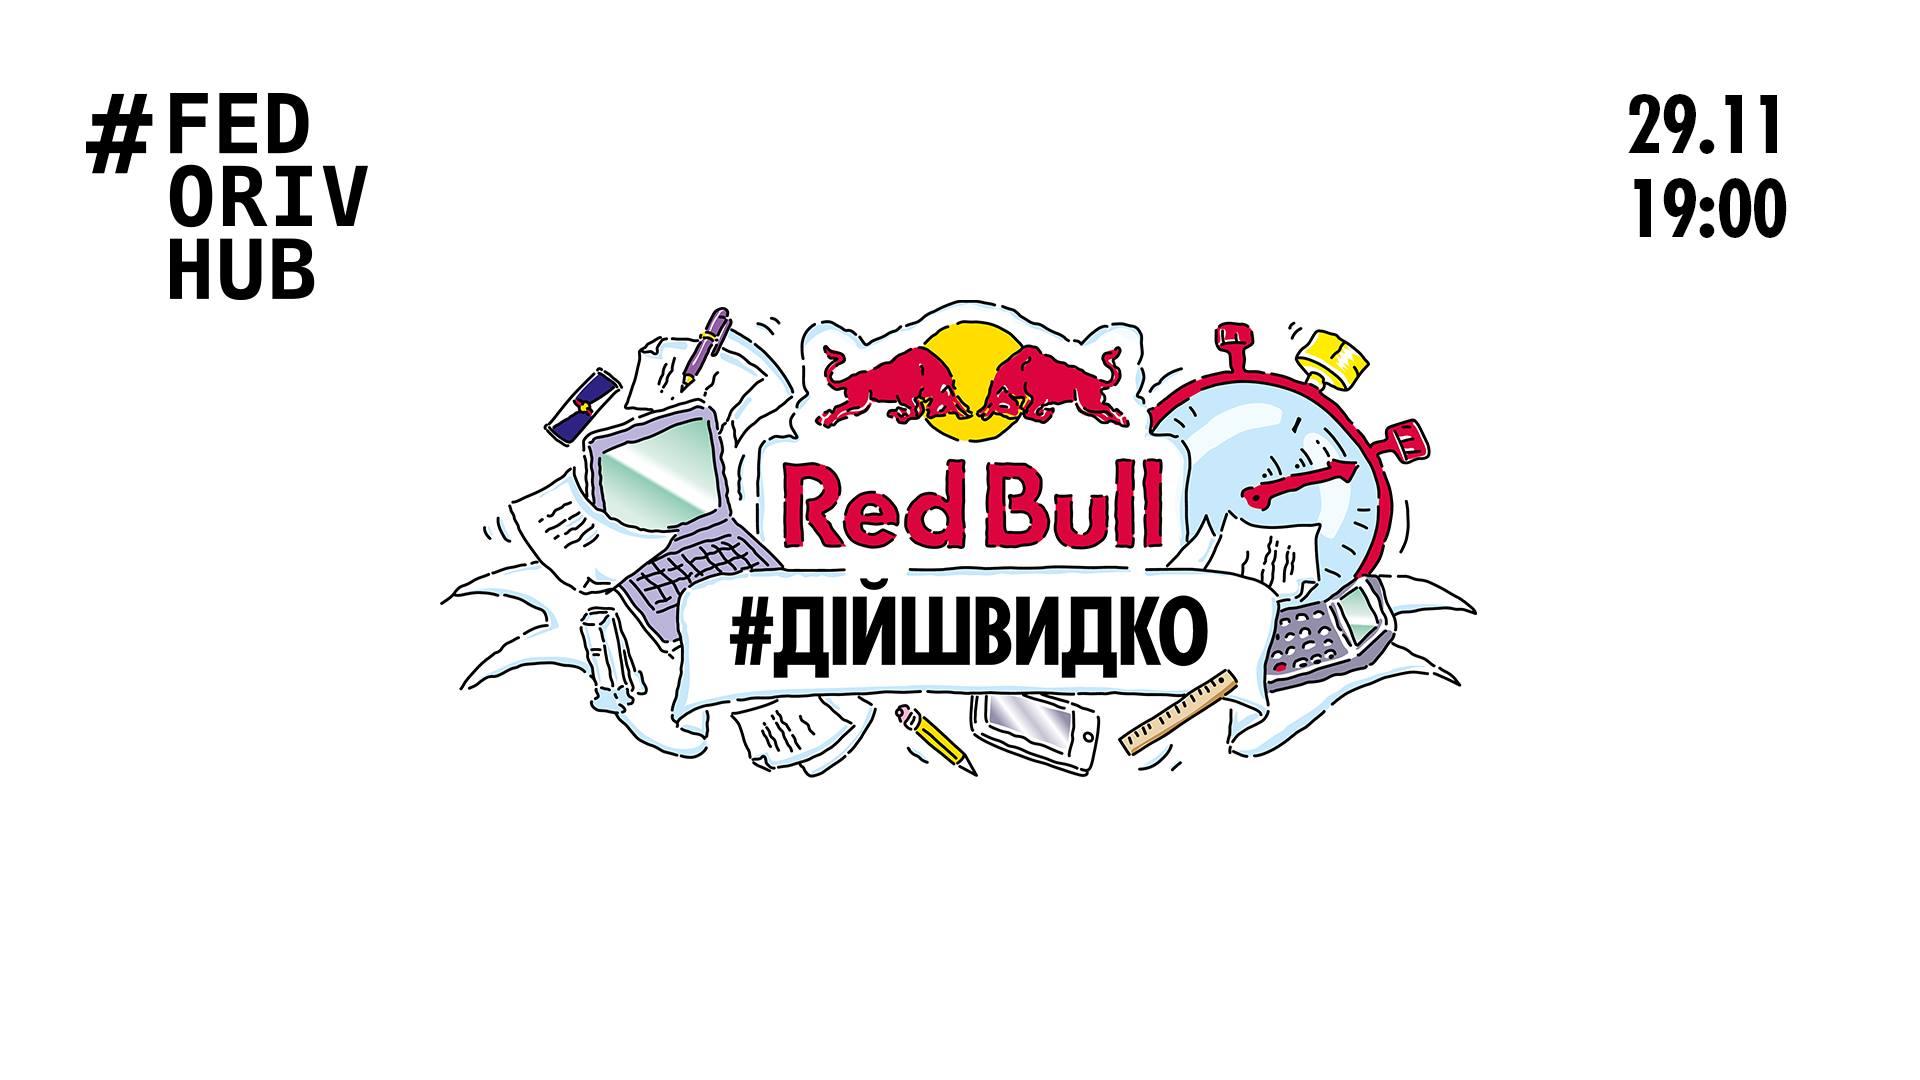 Red Bull #ДійШвидко